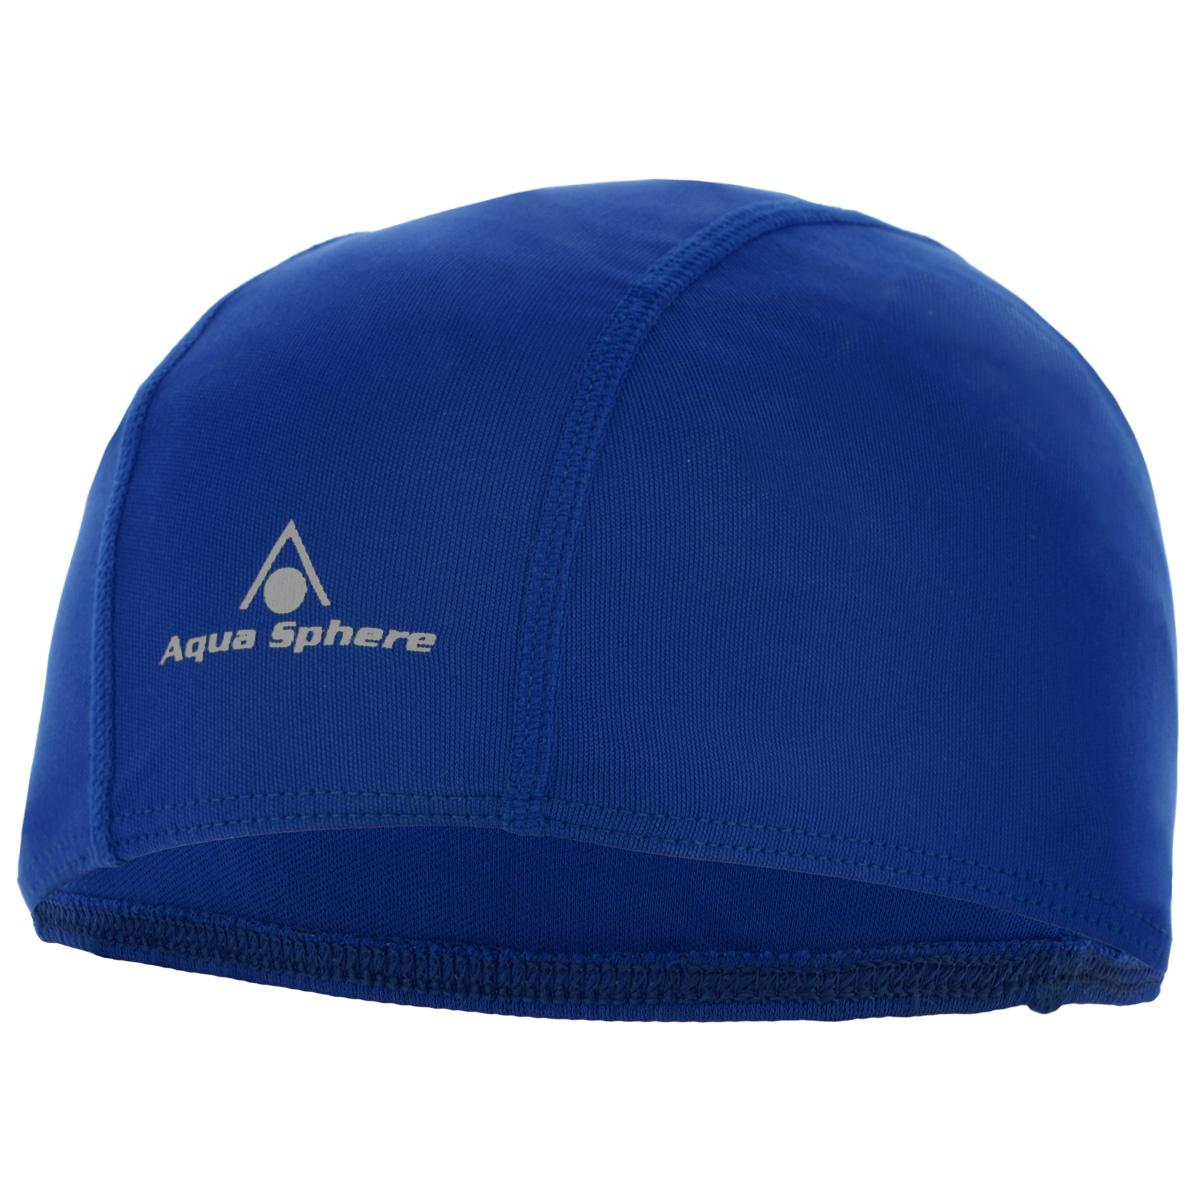 Шапочка для плавания Aqua Sphere Easy Cap, детская, цвет: синий10007079Детская шапочка для плавания Aqua Sphere Easy Cap традиционной формы изготовлена из высококачественного прочного полиэстера. Материал делает ее легкой и суперэластичной.